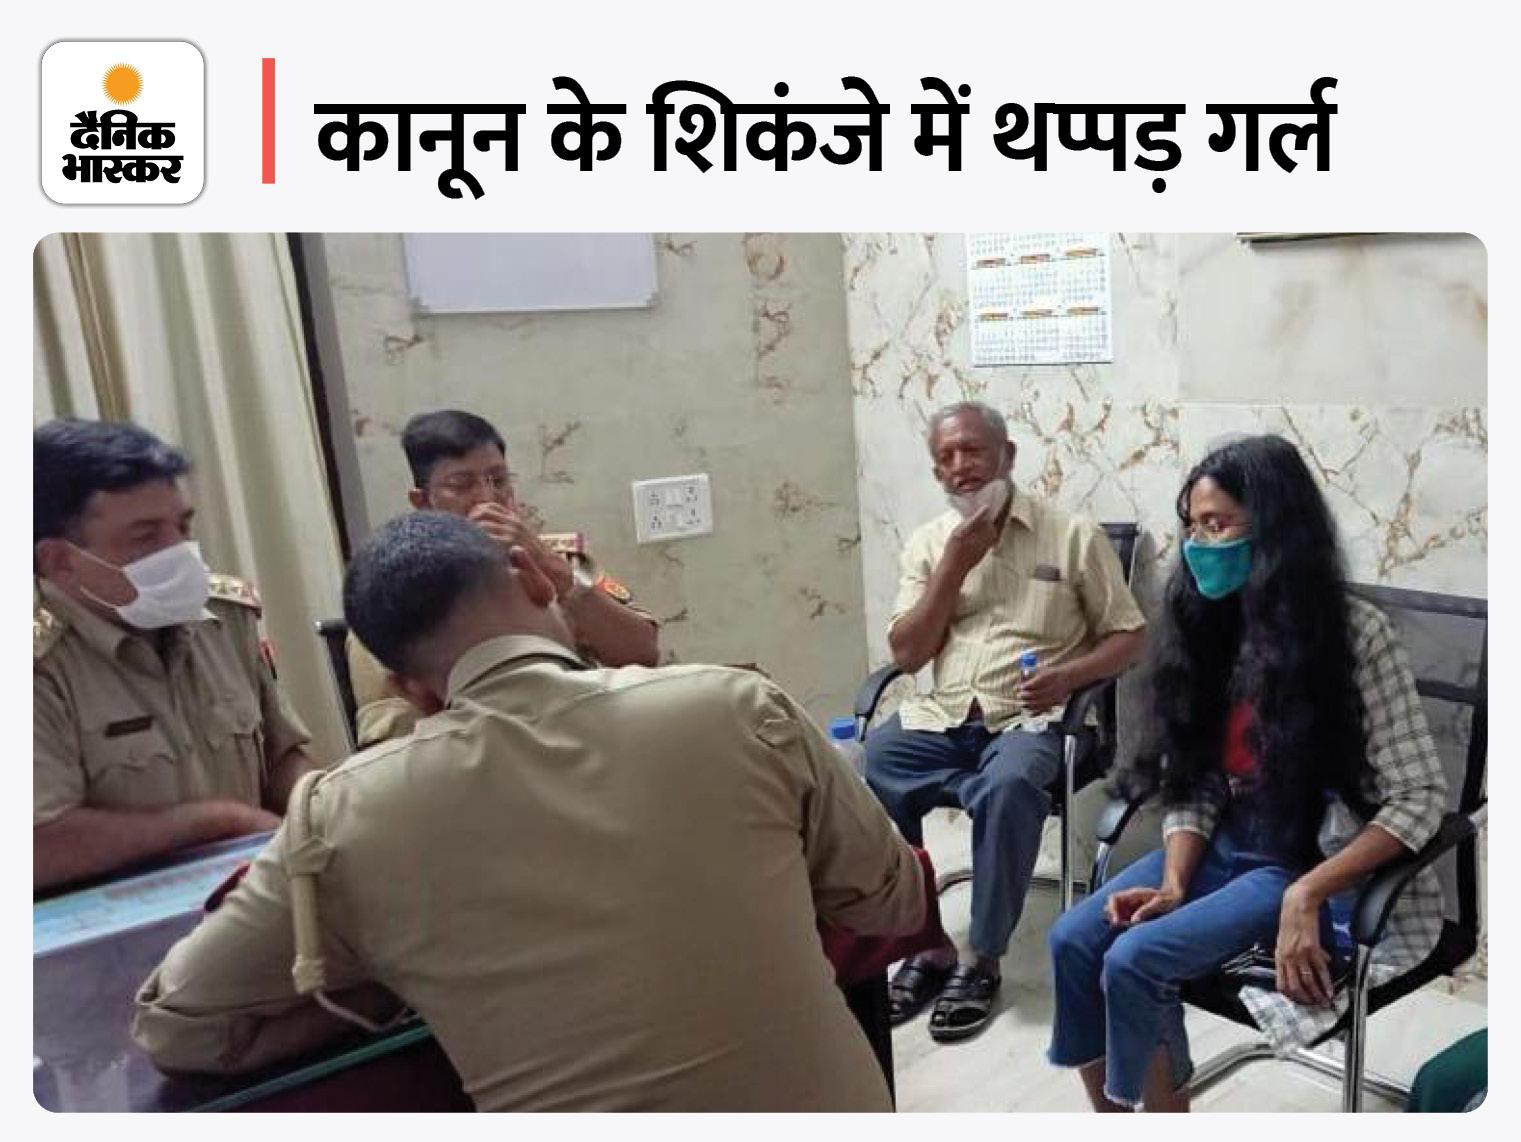 घूस लेने वाला दरोगा हाजिर होने के बाद लापता, अब कैब का मुआयना करवाने में लगी पुलिस; लड़की बोली- सेल्फ डिफेंस में पीटा तो डकैत बताया जा रहा लखनऊ,Lucknow - Dainik Bhaskar